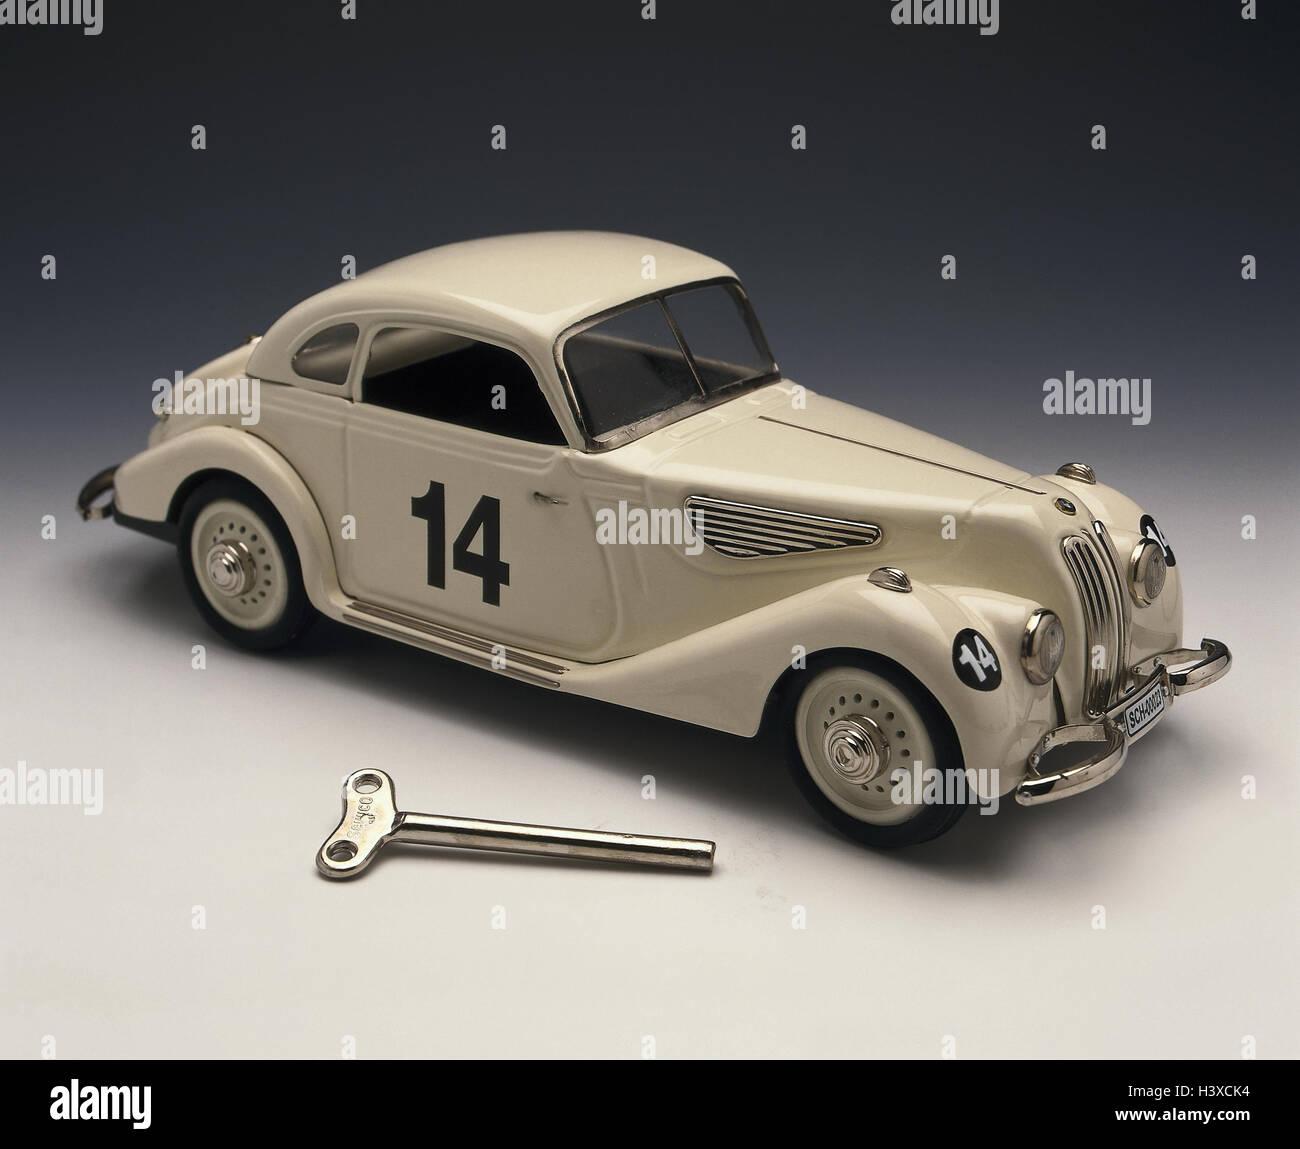 schuco auto modell bmw 327 deutschland reise 1938 schl ssel modellauto modellauto. Black Bedroom Furniture Sets. Home Design Ideas